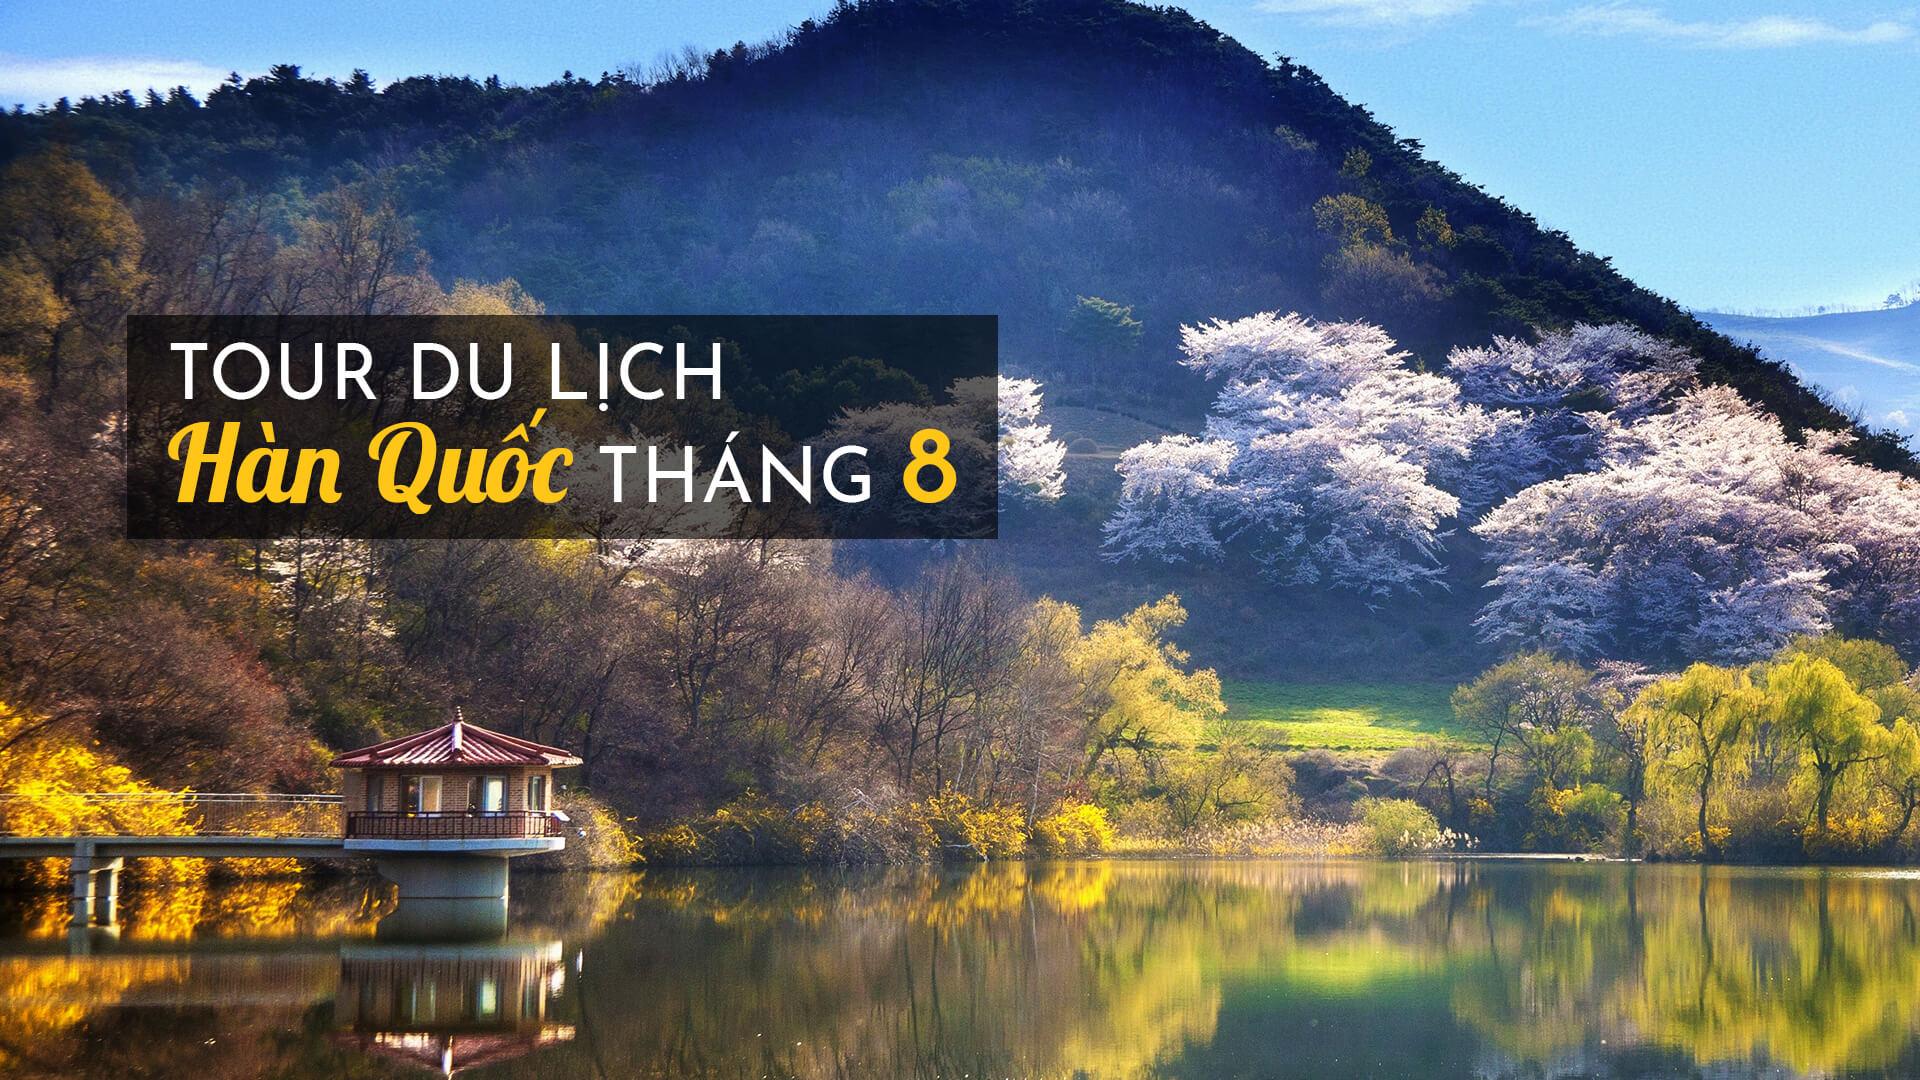 Cẩm nang tour du lịch Hàn Quốc tháng 8 cho người đi lần đầu